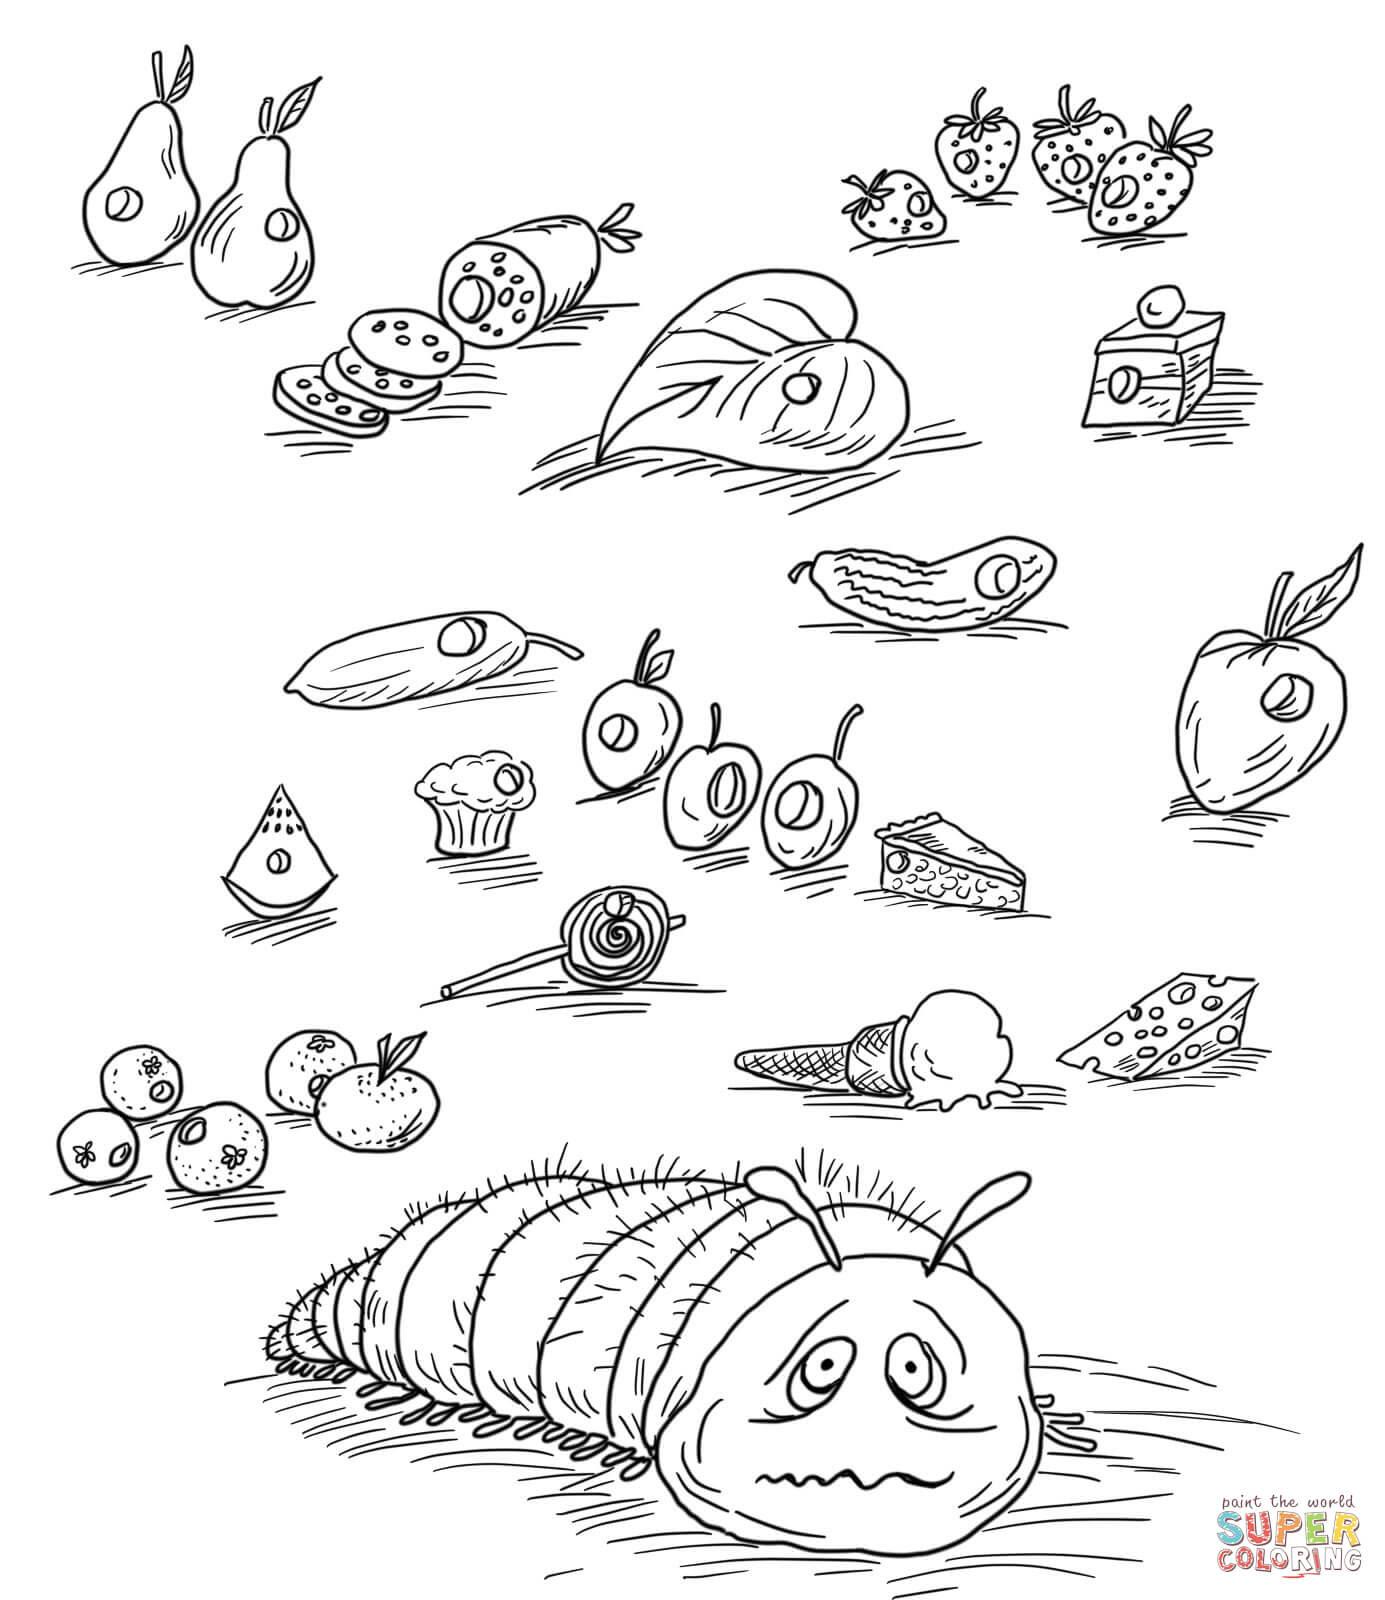 Die kleine Raupe Nimmersatt mit Früchten und anderem Essen from Die kleine Raupe Nimmersatt